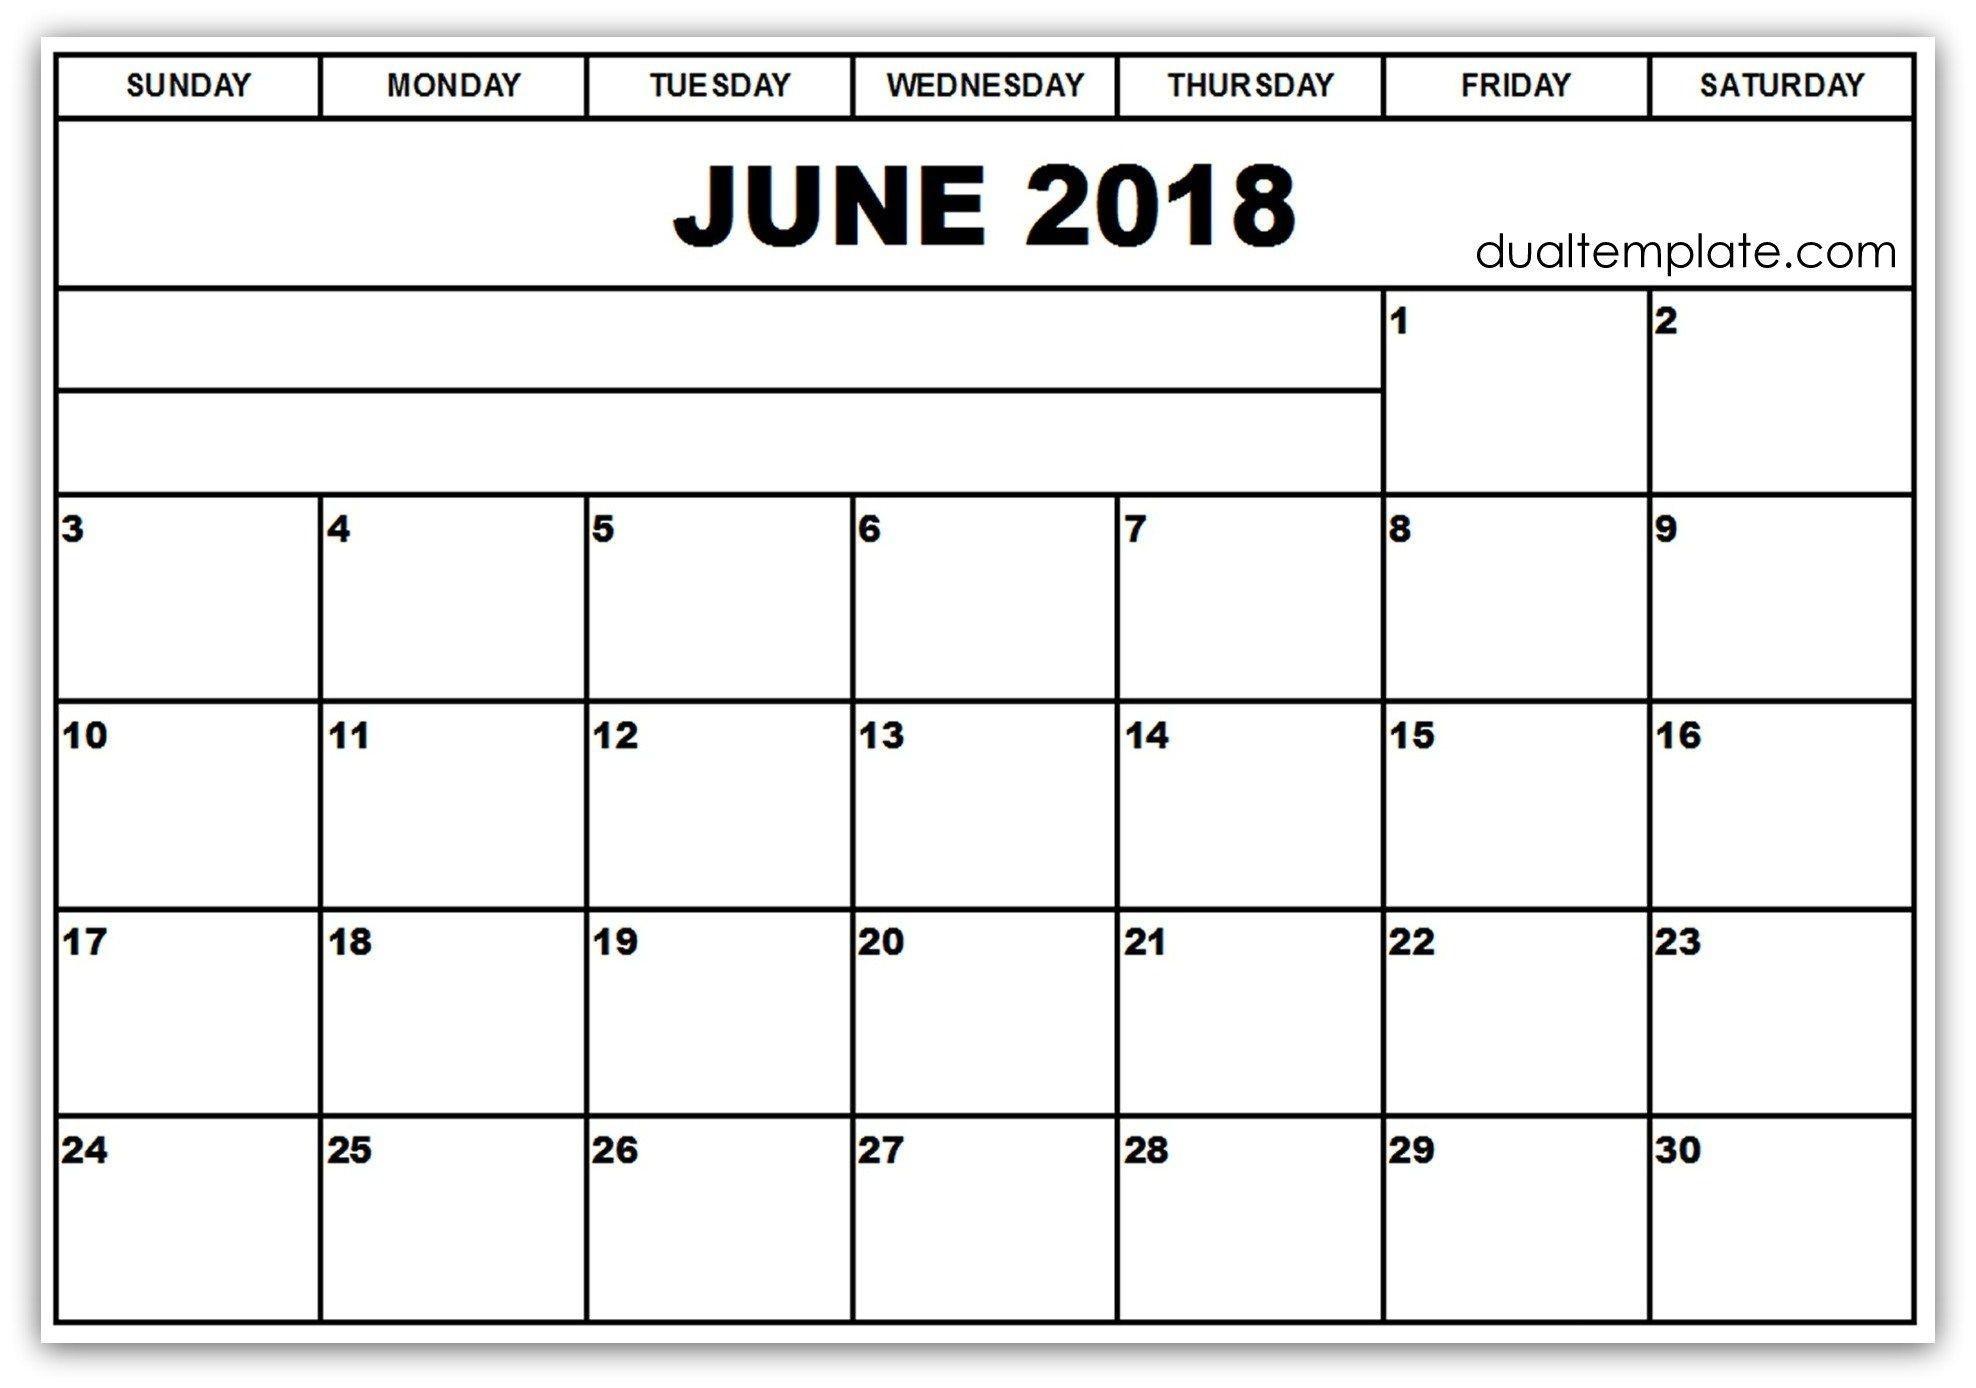 Calendario Enero 2019 Para Imprimir Recientes Julian Date Calendar Printable theminecraftserver Best Of Calendario Enero 2019 Para Imprimir Más Recientemente Liberado Avisos Pºblicos Ciudad De Bayam³n